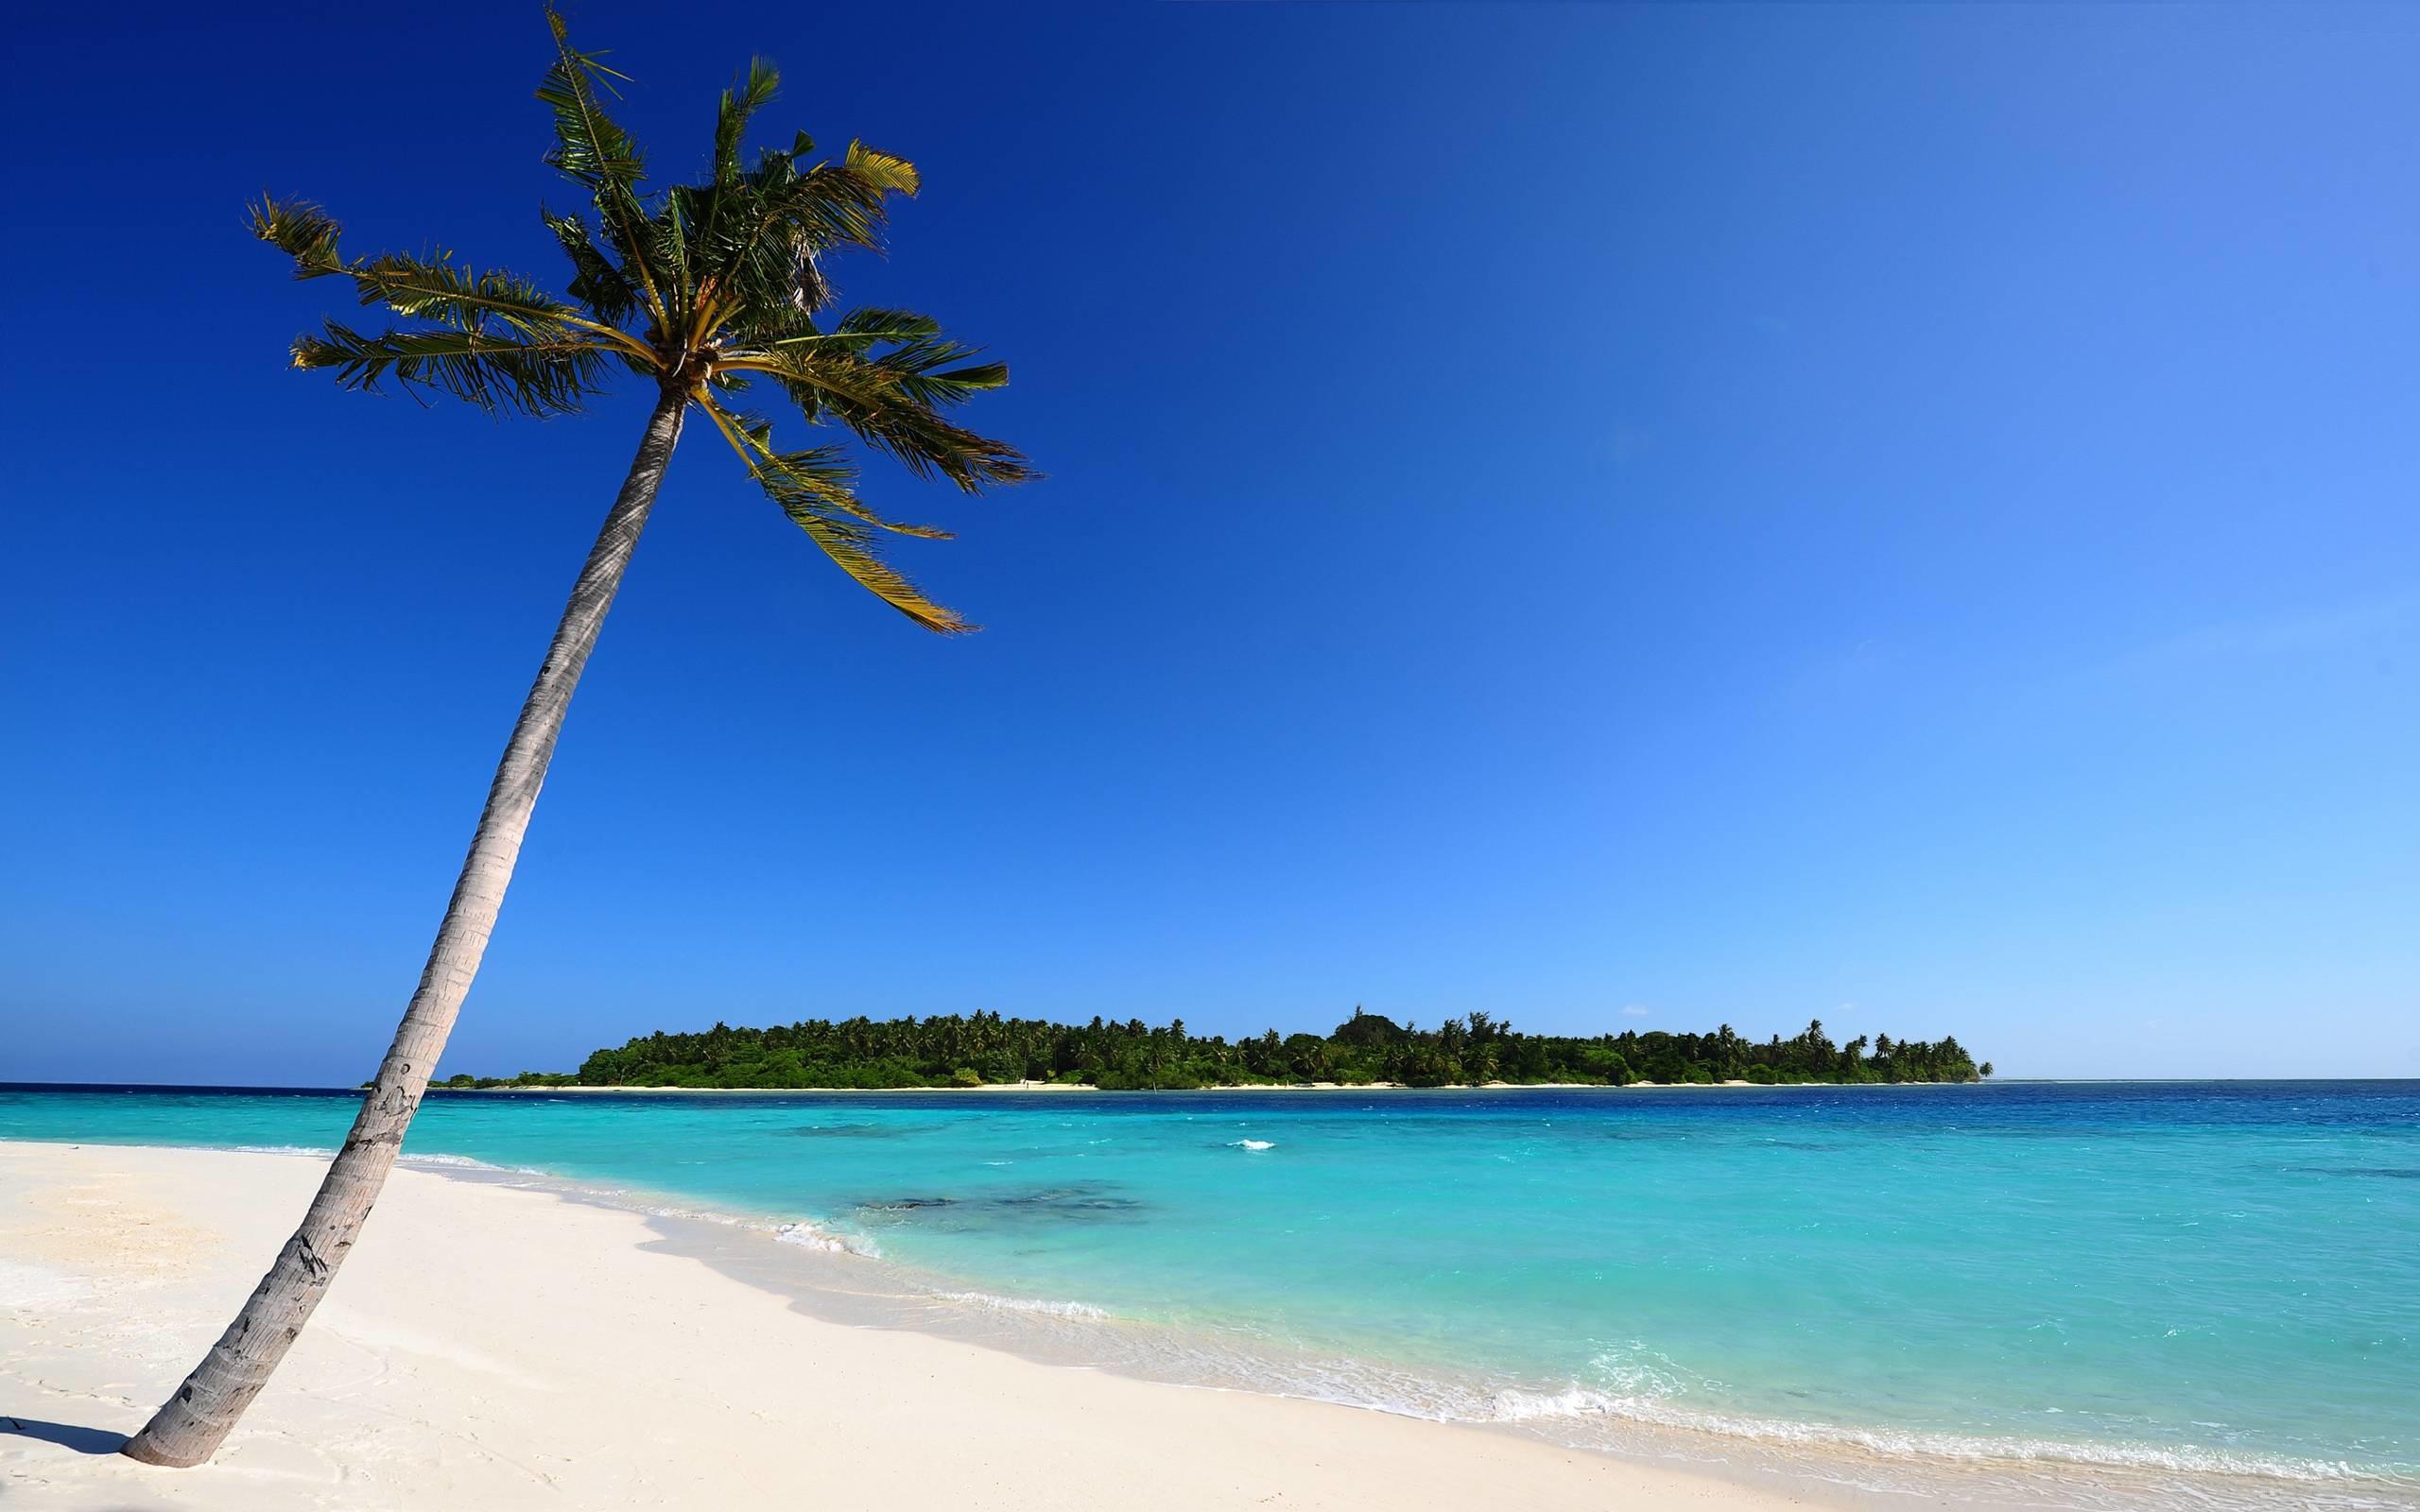 Những khung cảnh thường thấy trên các bãi biển